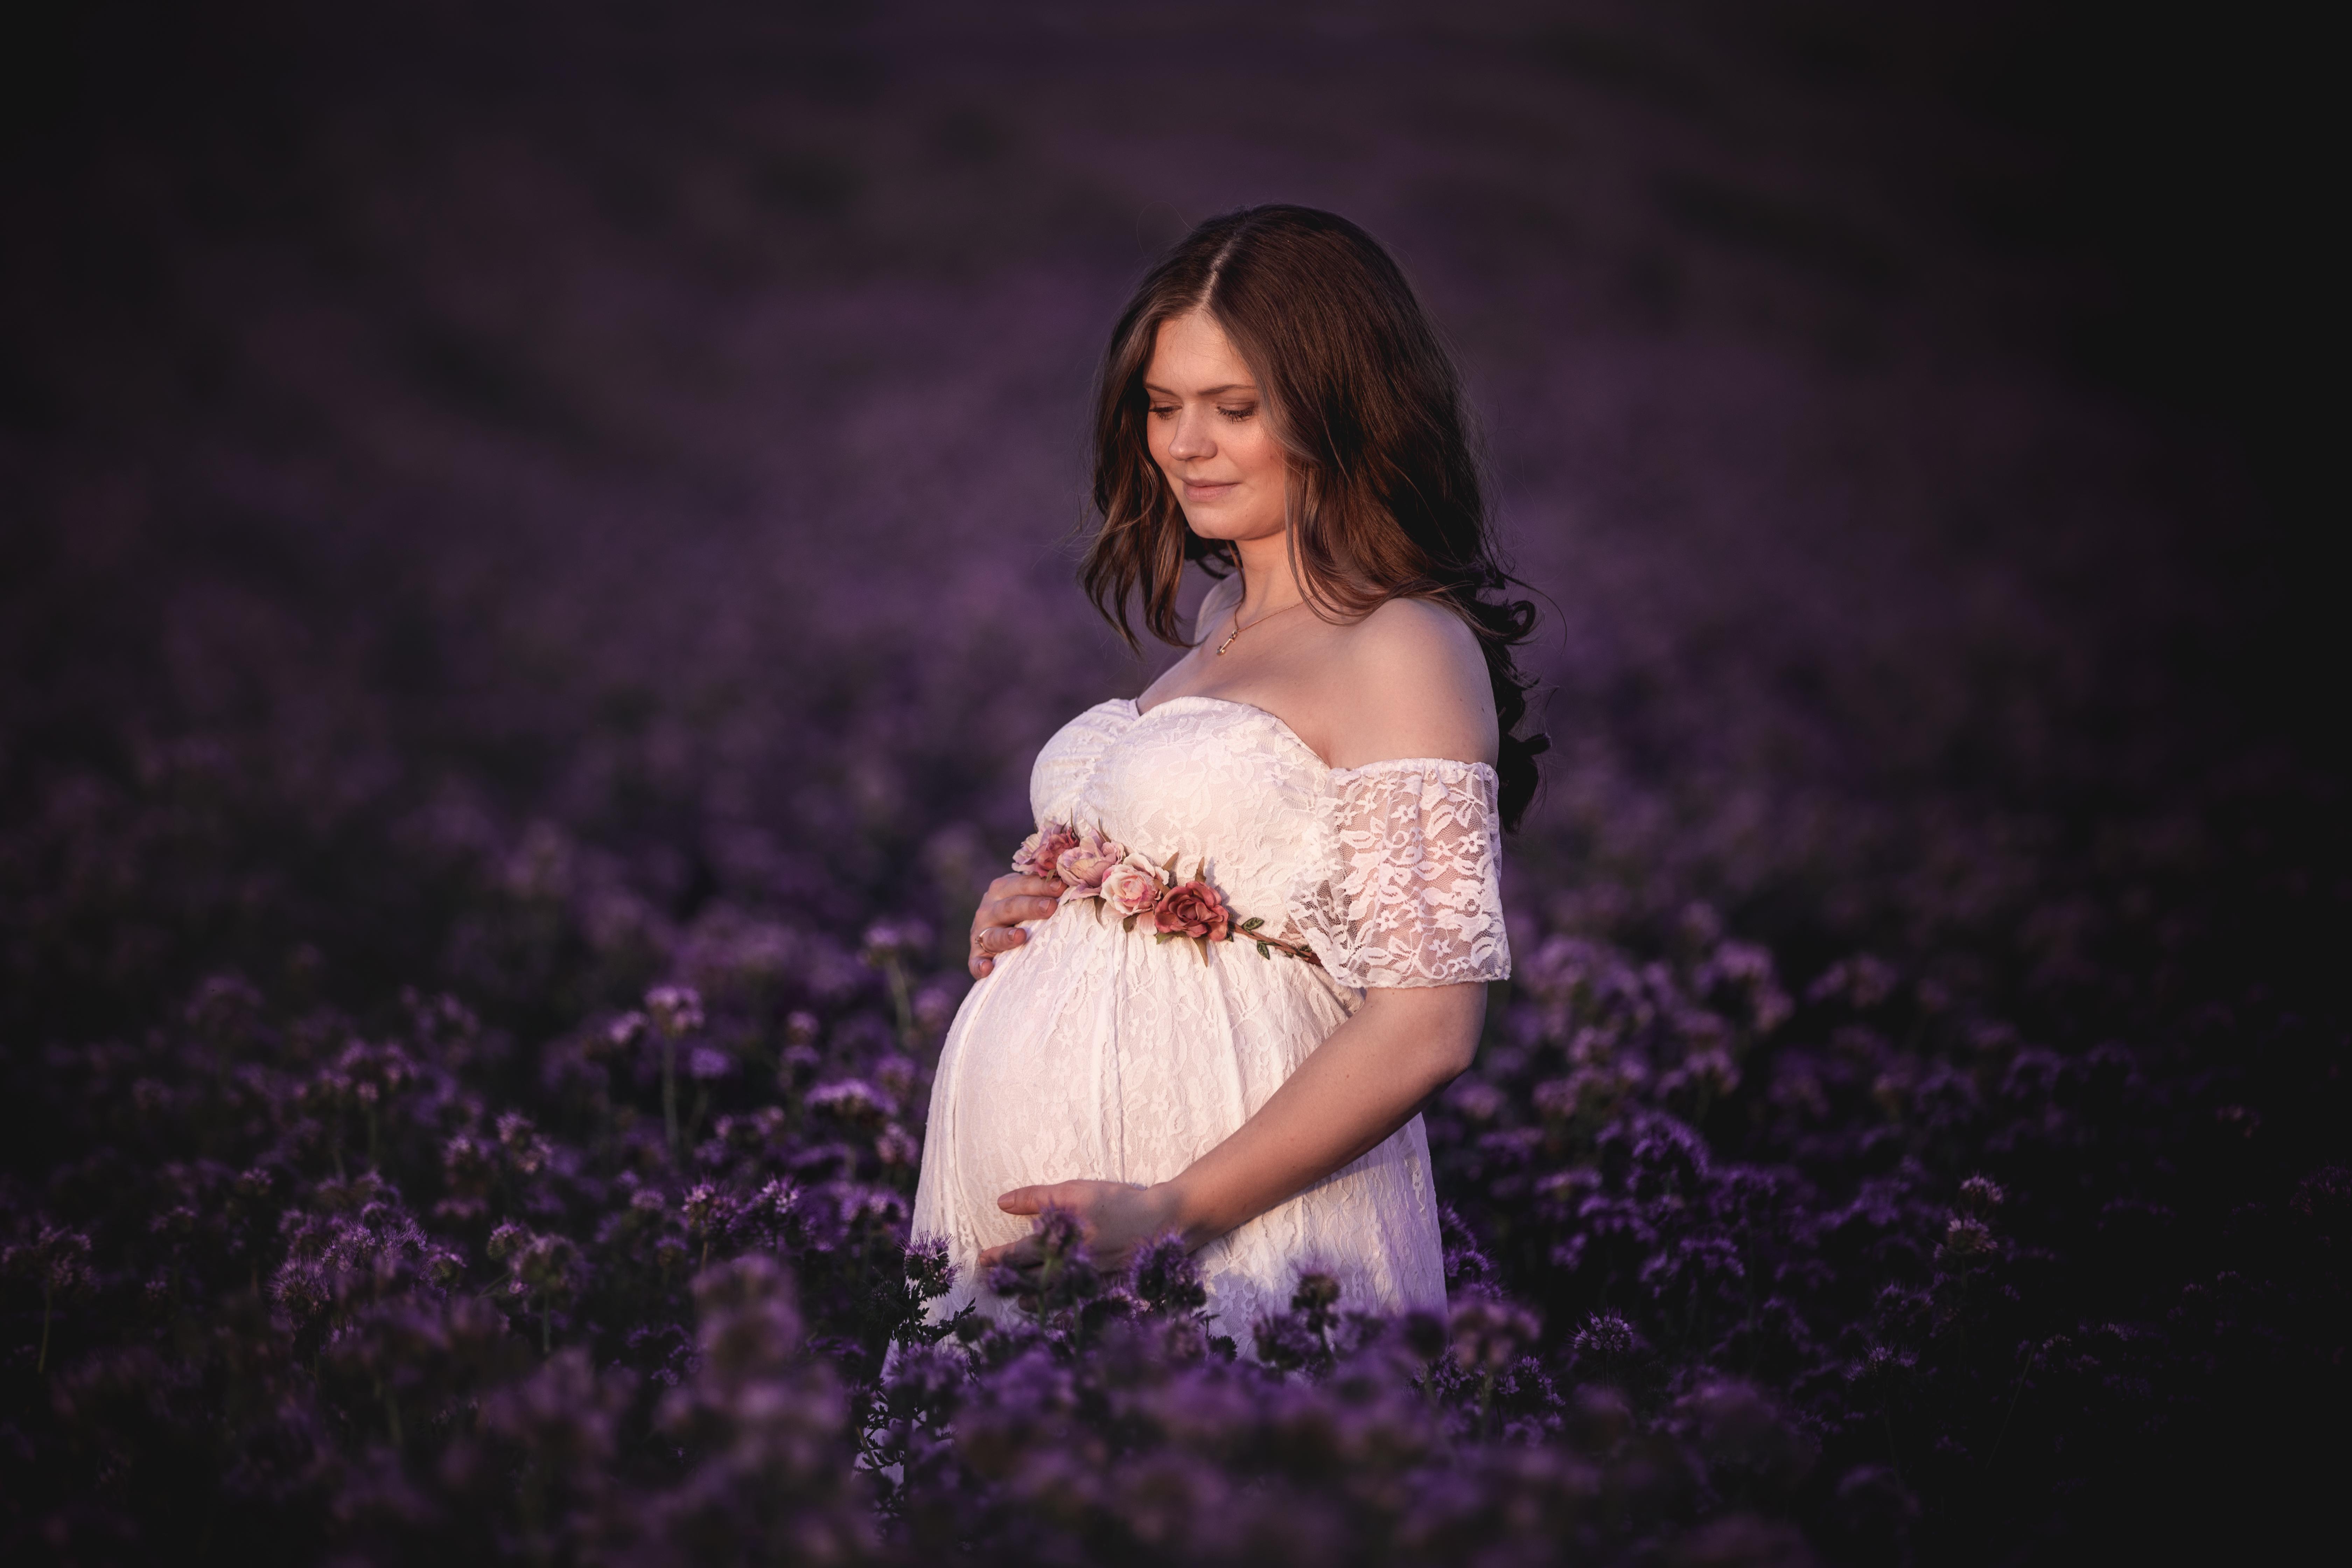 Schwangerschaftsfoto im lila Blumenfeld